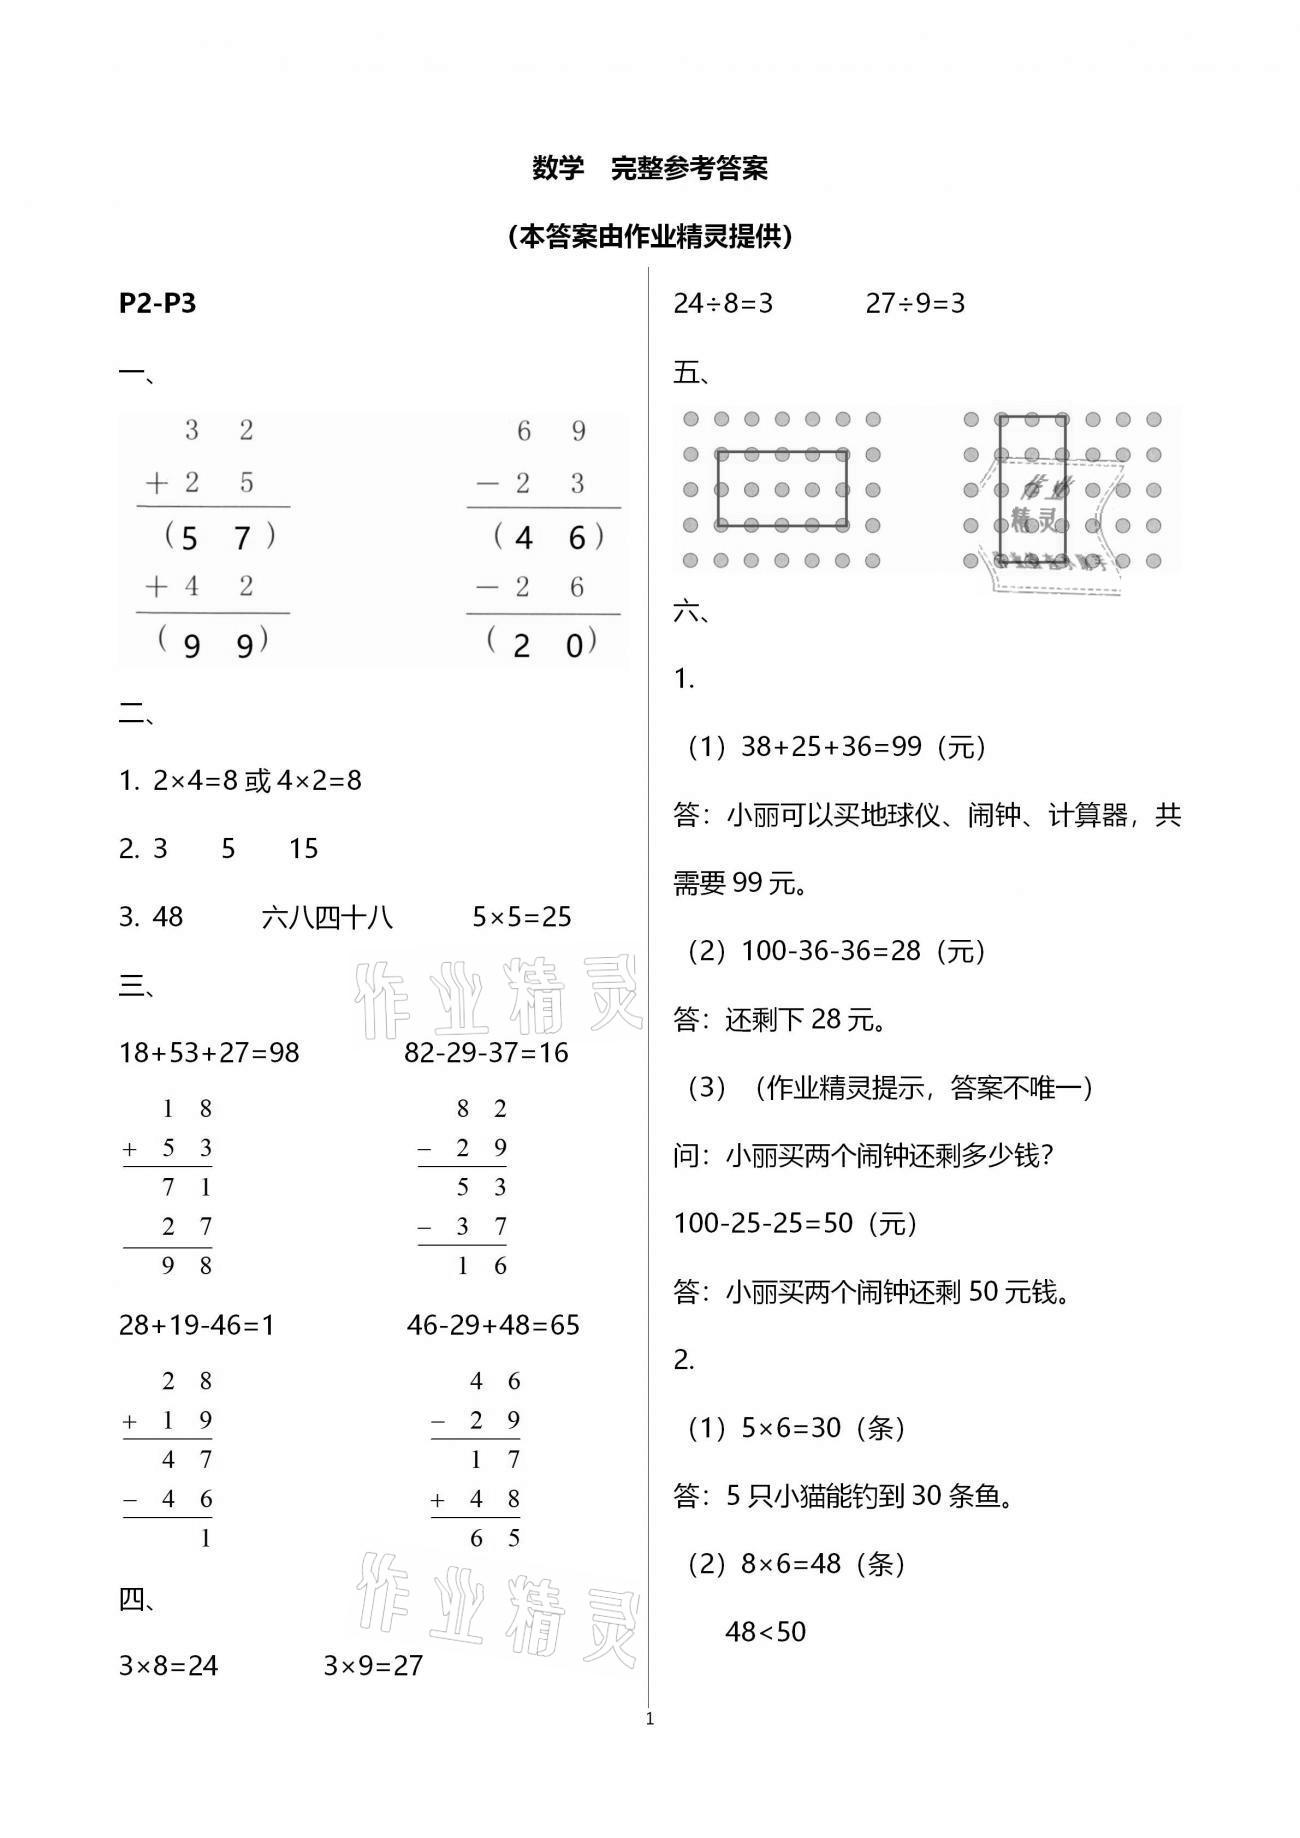 2021年寒假作业二年级数学北师大版海燕出版社参考答案第1页